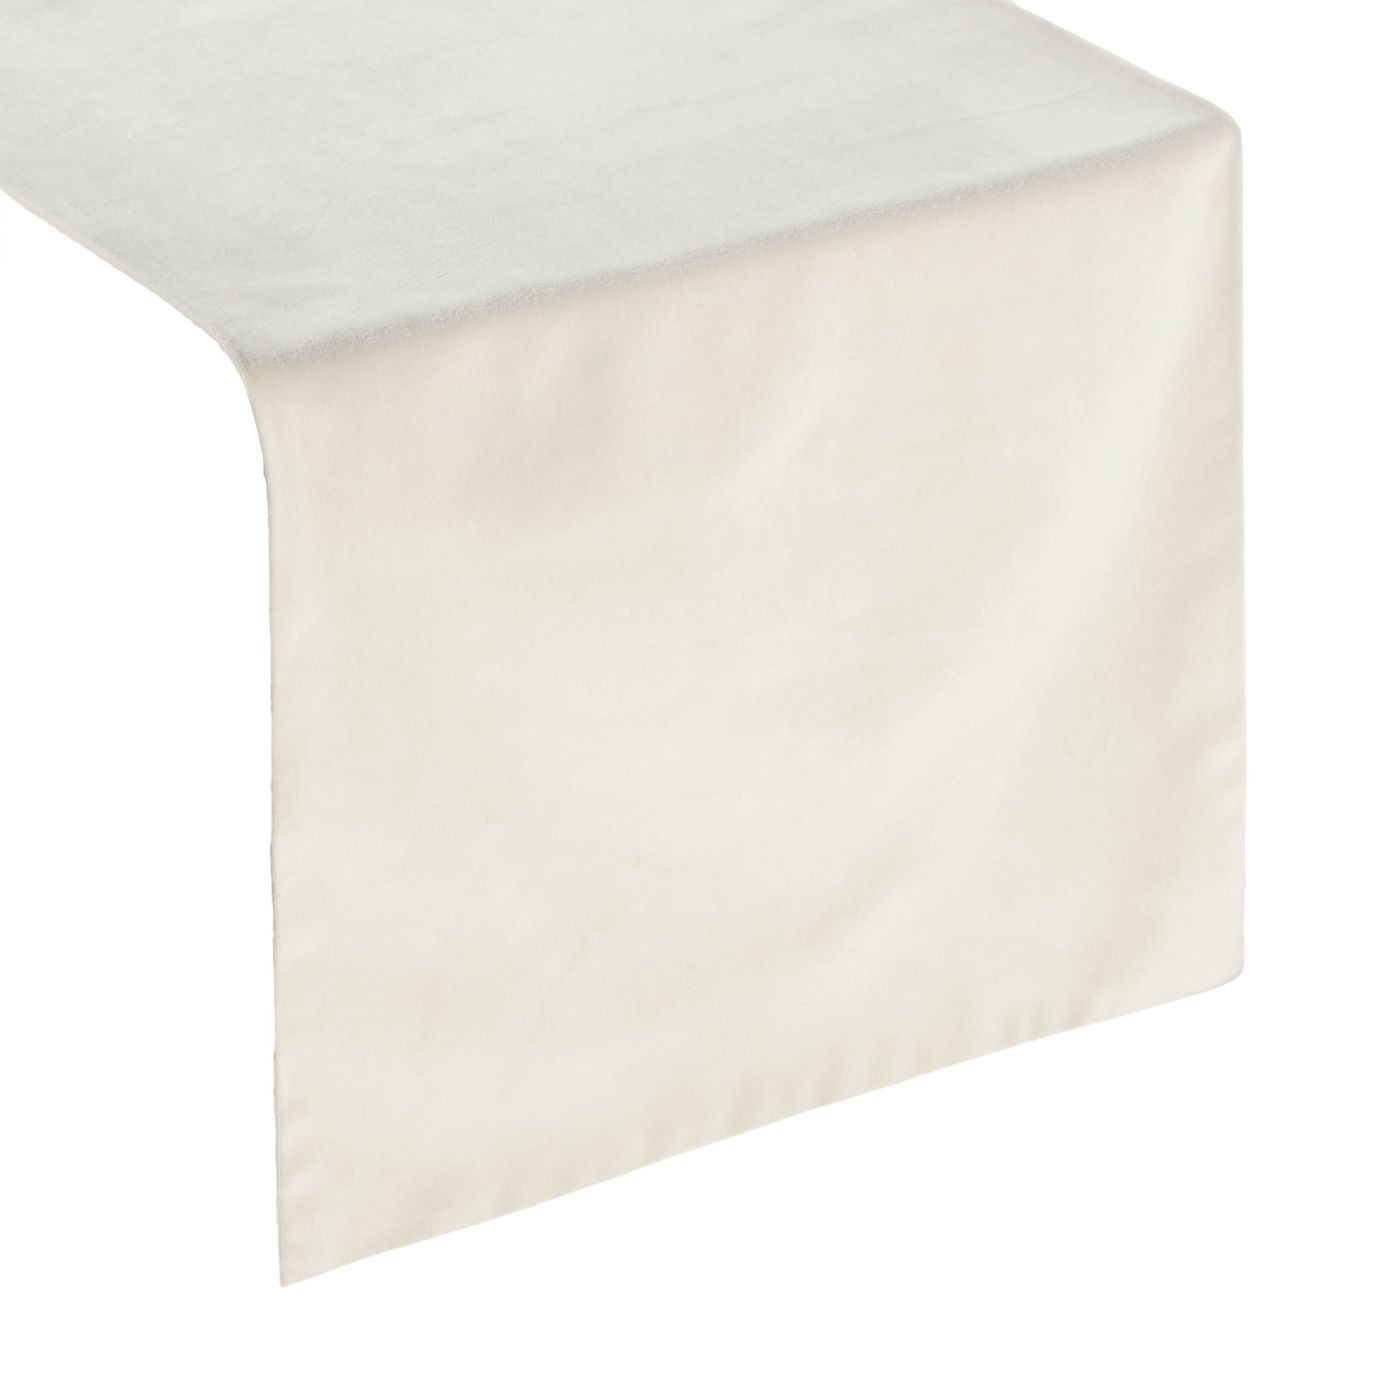 Kremowy bieżnik z welwetu do jadalni 35x140 cm